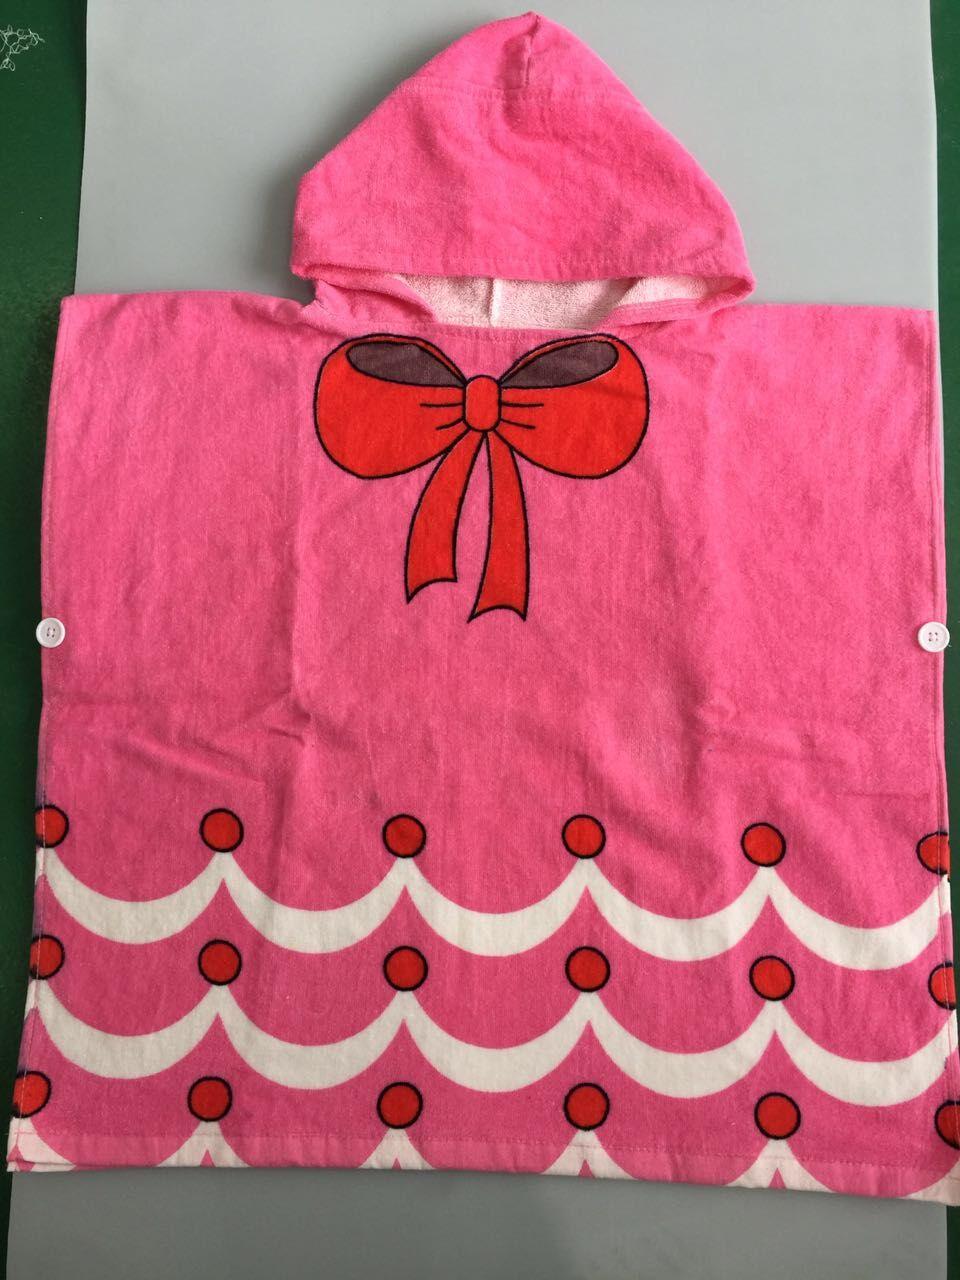 Мультяшные халаты «Алиса» для мальчиков и девочек, «Белоснежка», «динозавр», «панда», «машинка», «робот», милое детское банное полотенце, детский банный халат, пижама - Цвет: bowknot